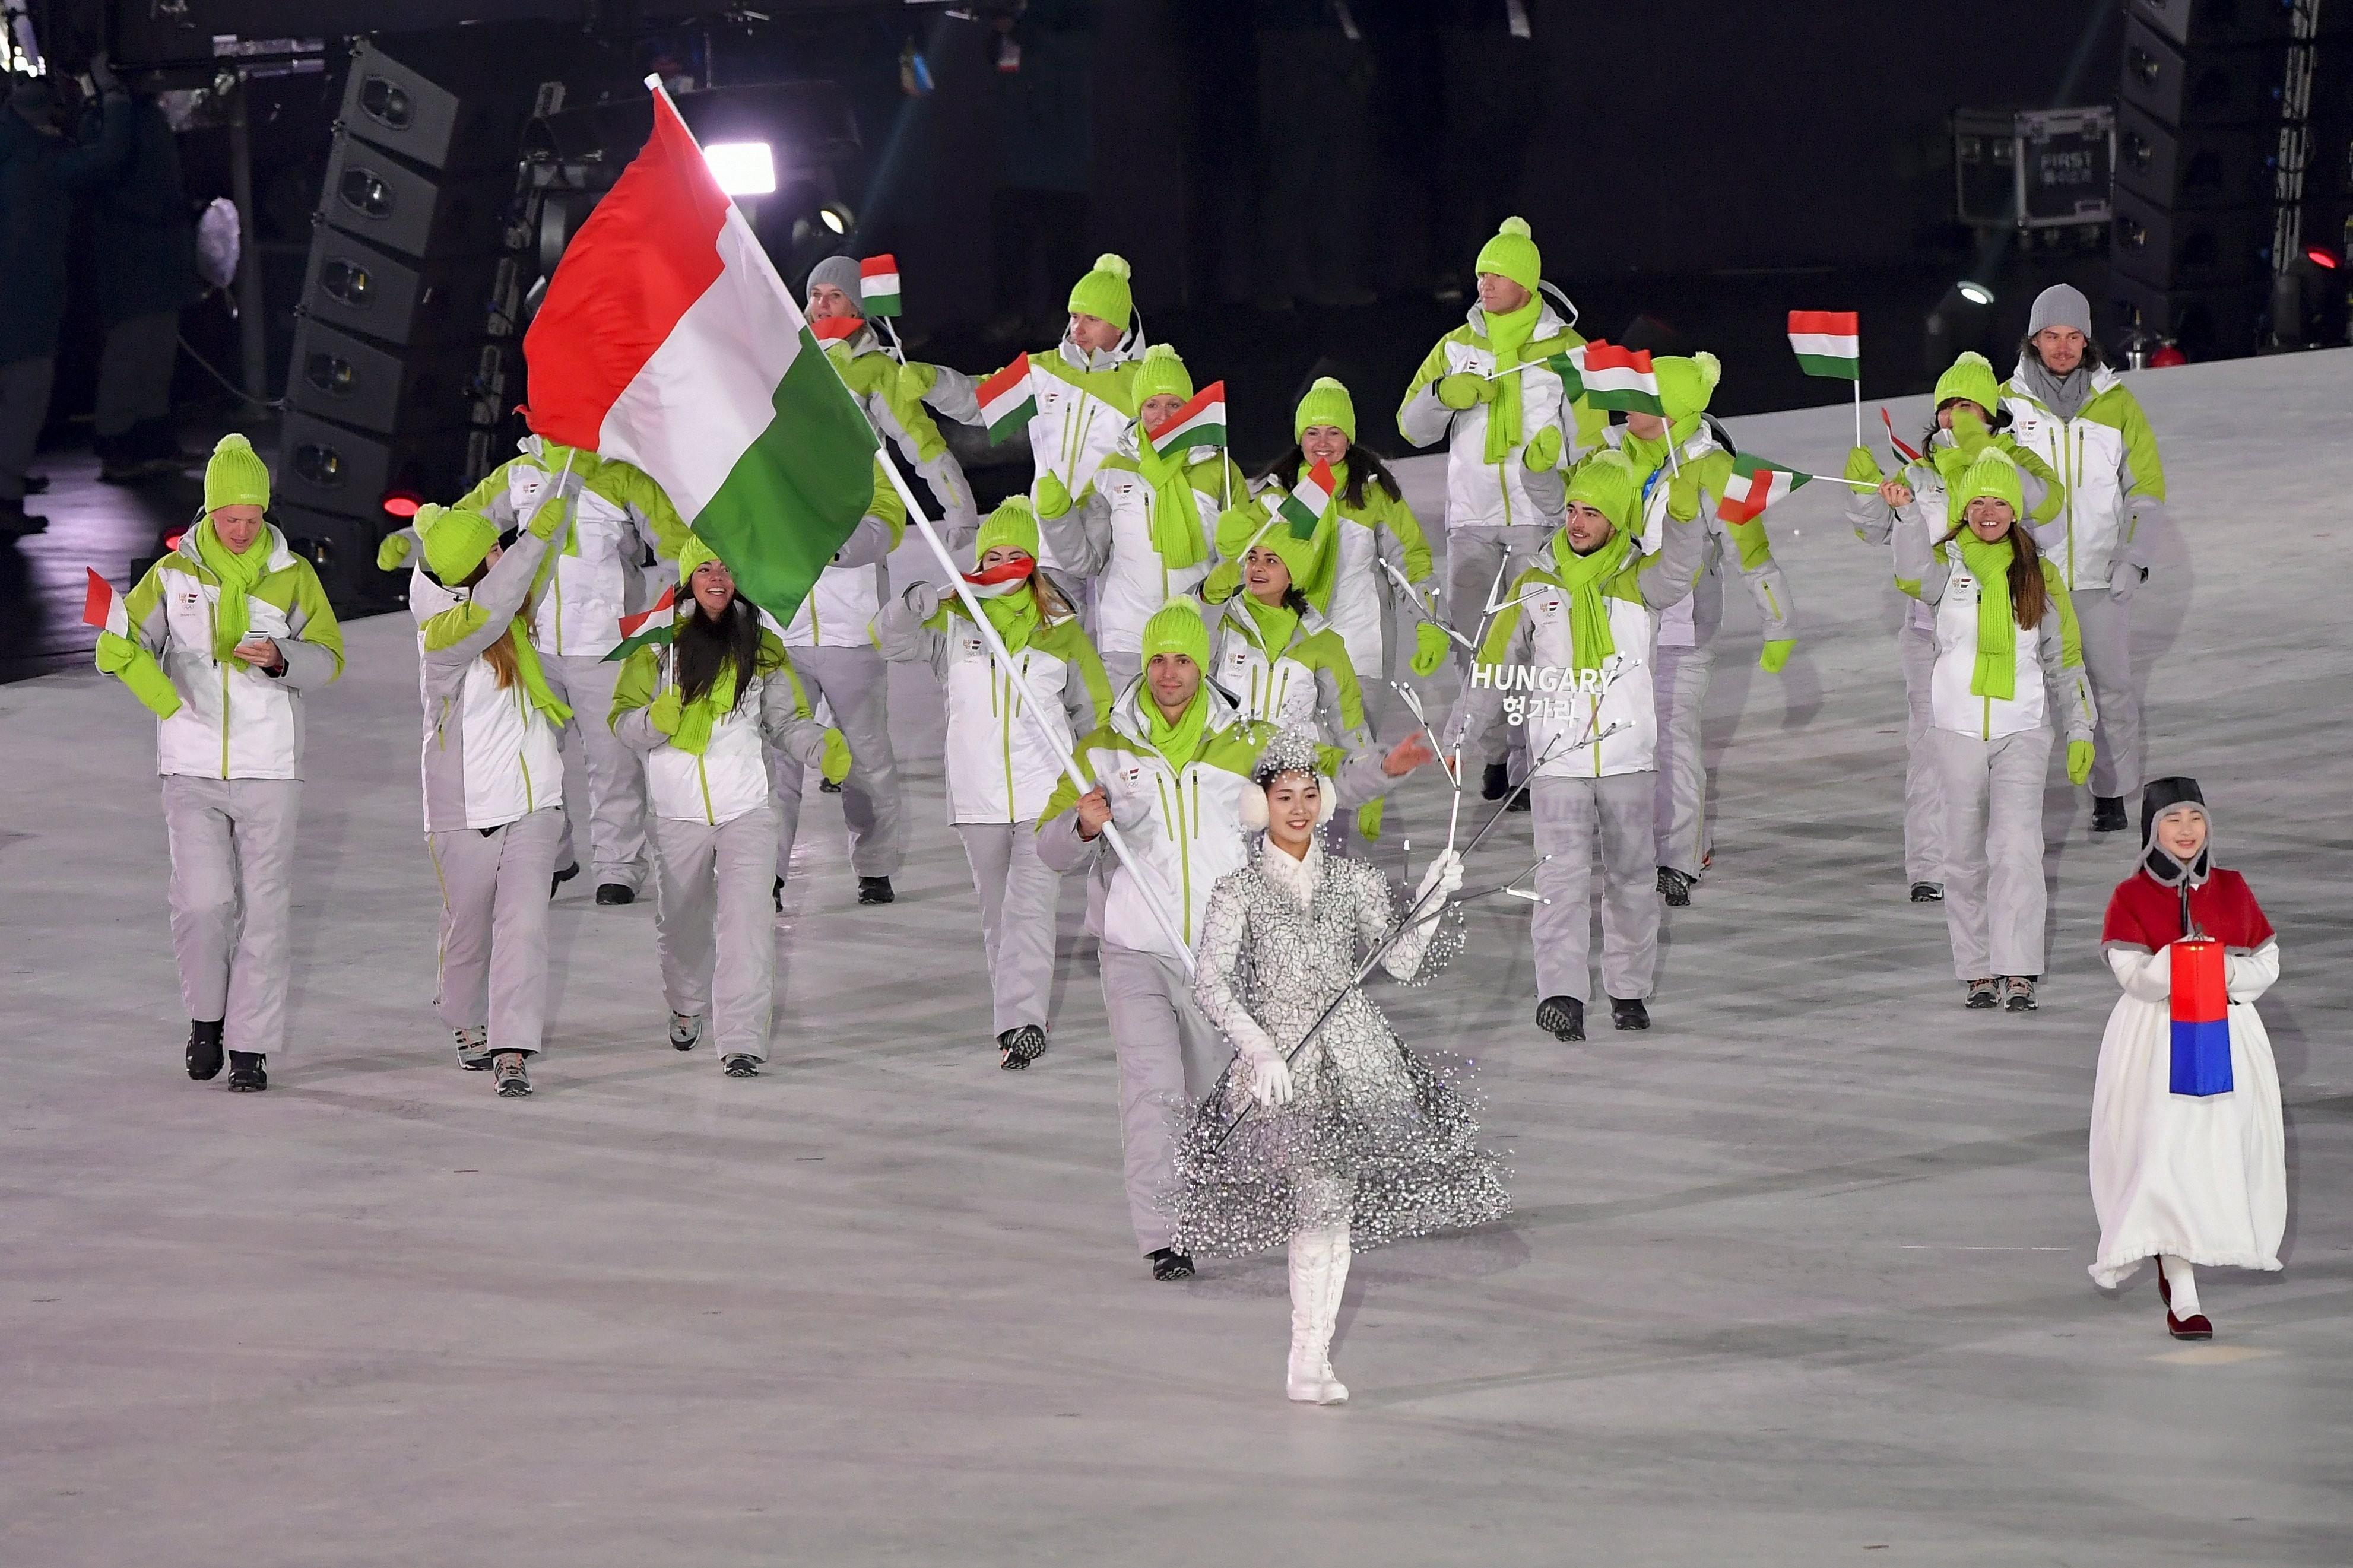 Megkezdődött a XXIII. téli olimpia a dél-koreai Phjongcshangban